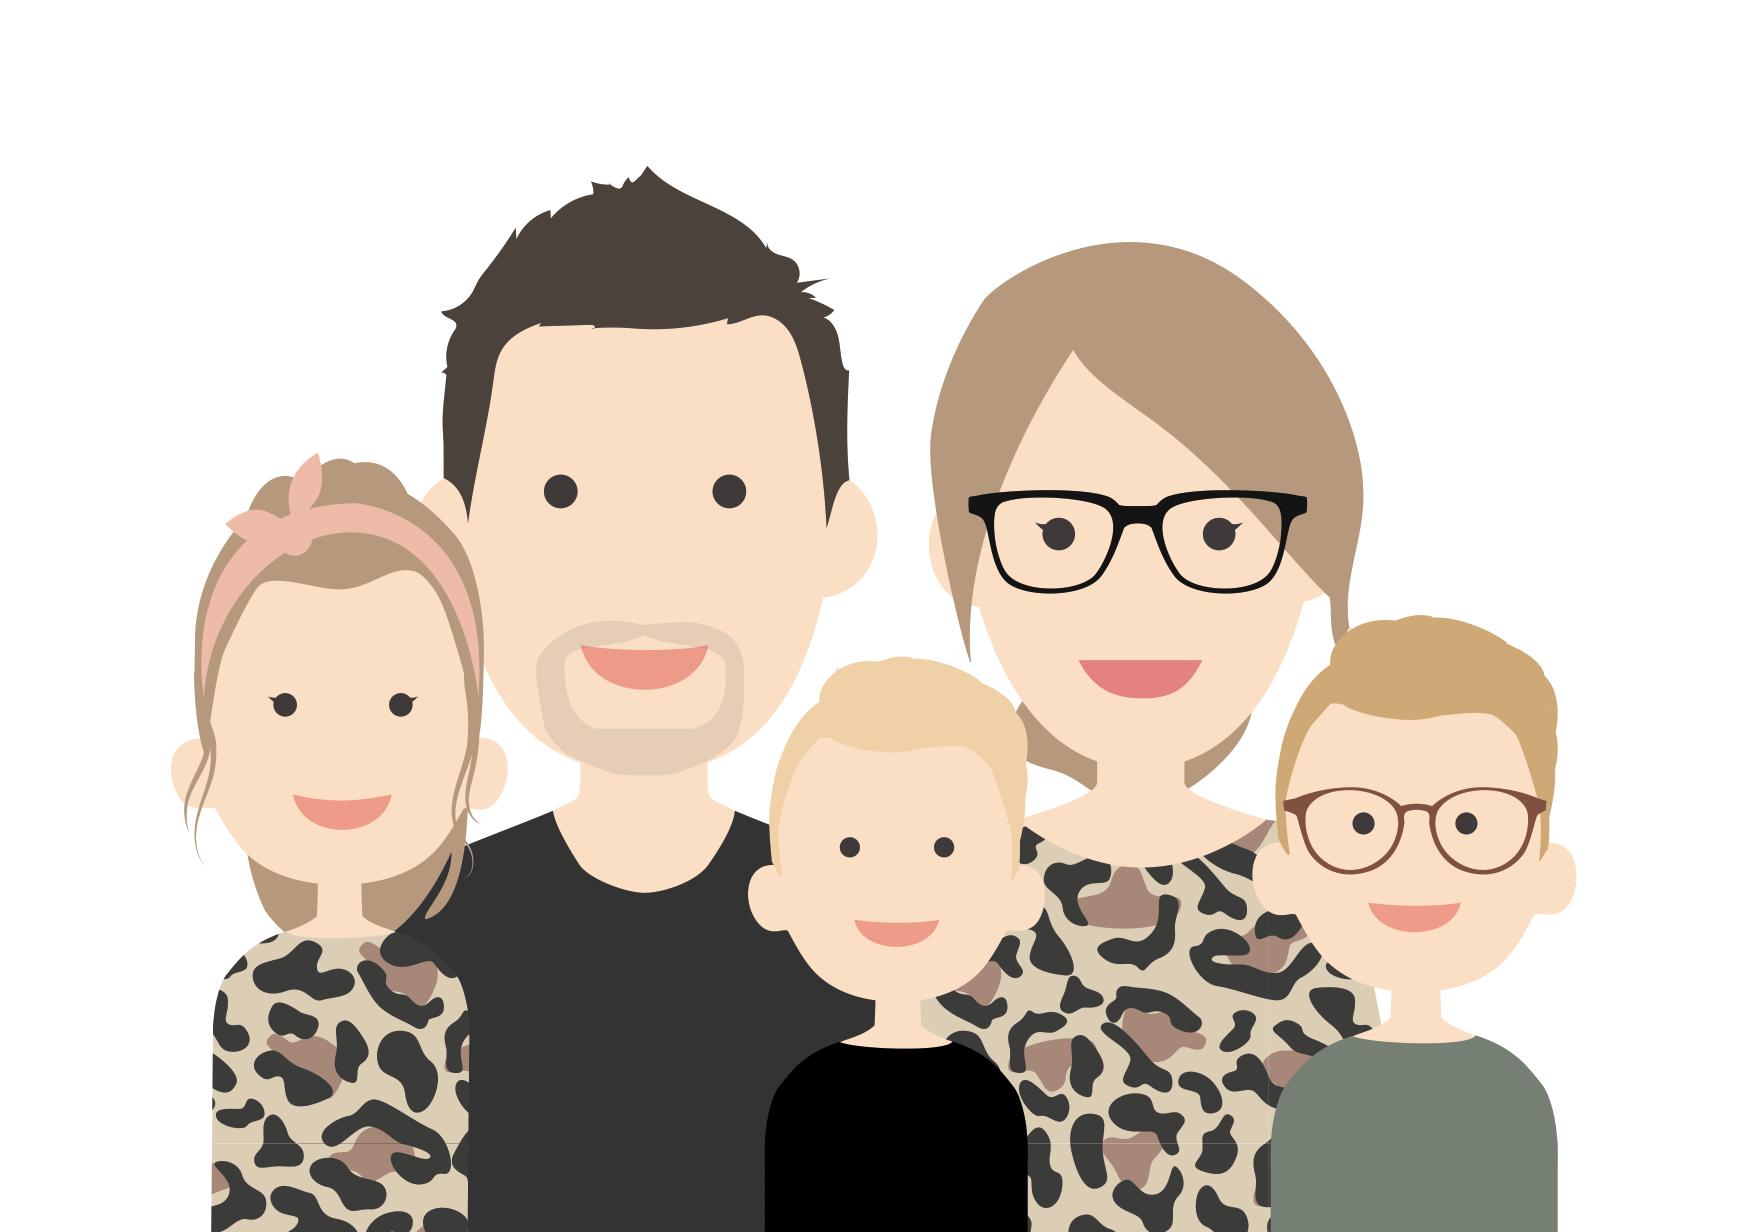 familie portret laten tekenen